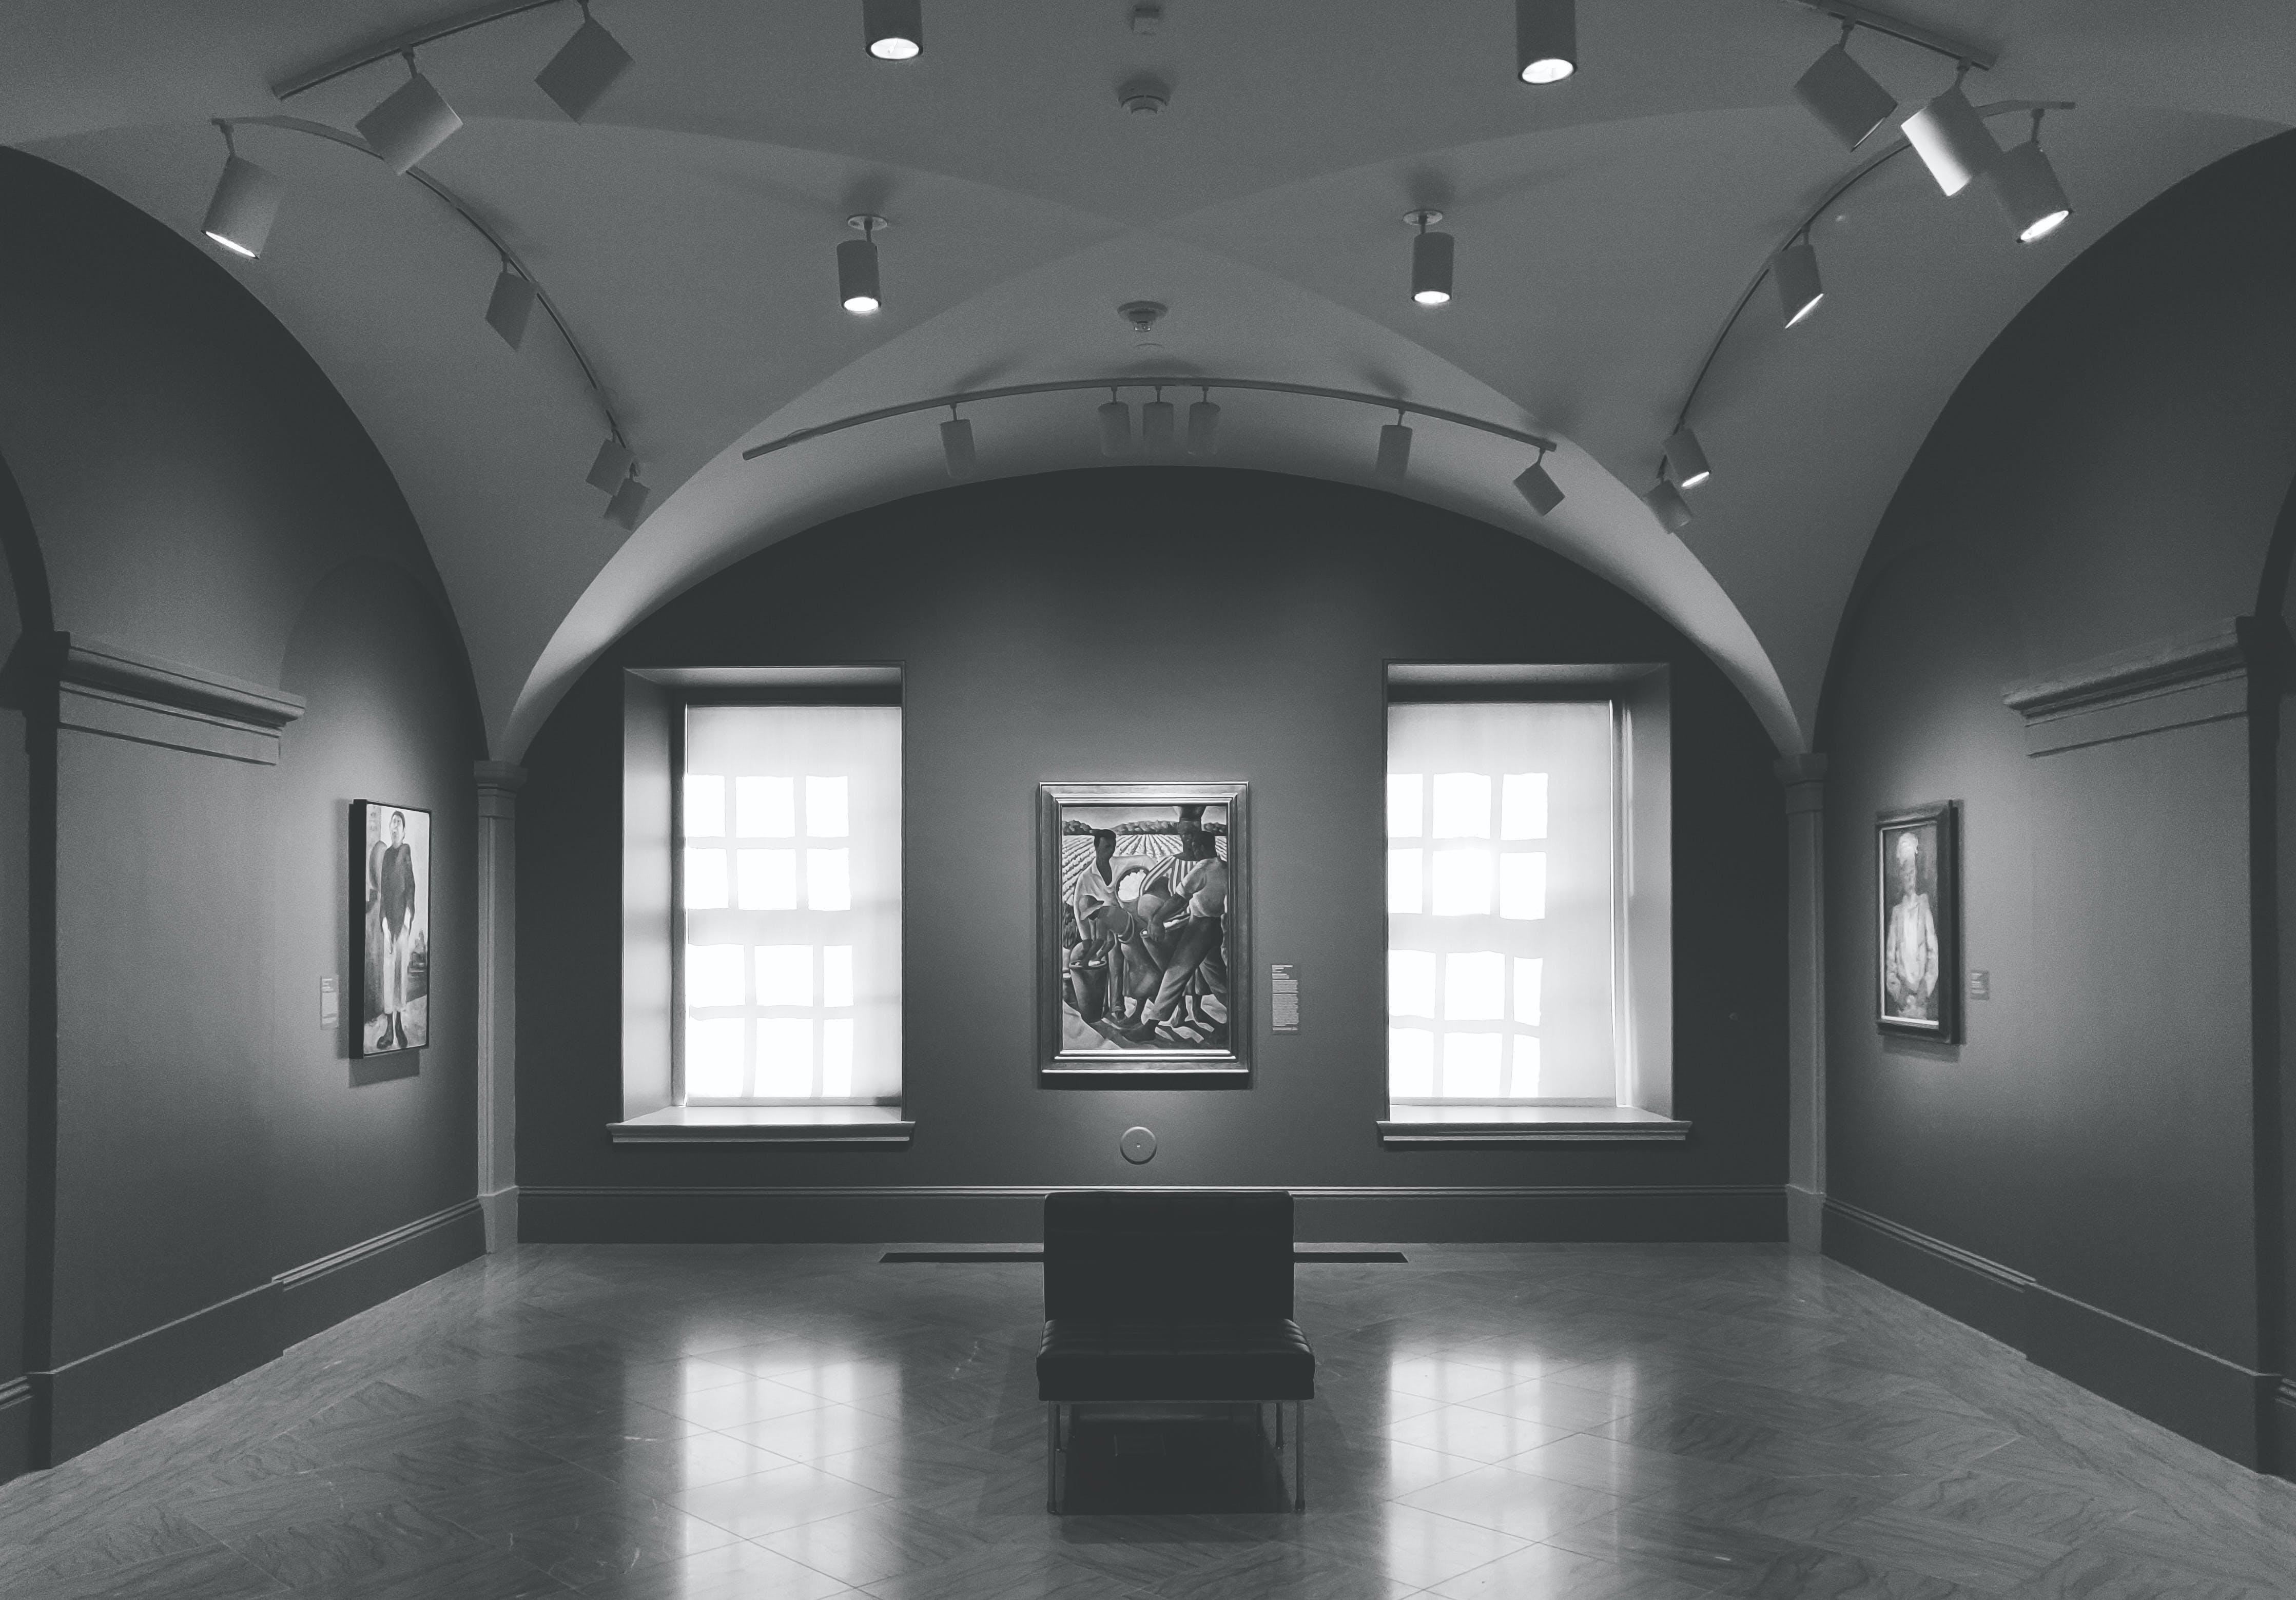 インドア, ルーム, 内部, 博物館の無料の写真素材